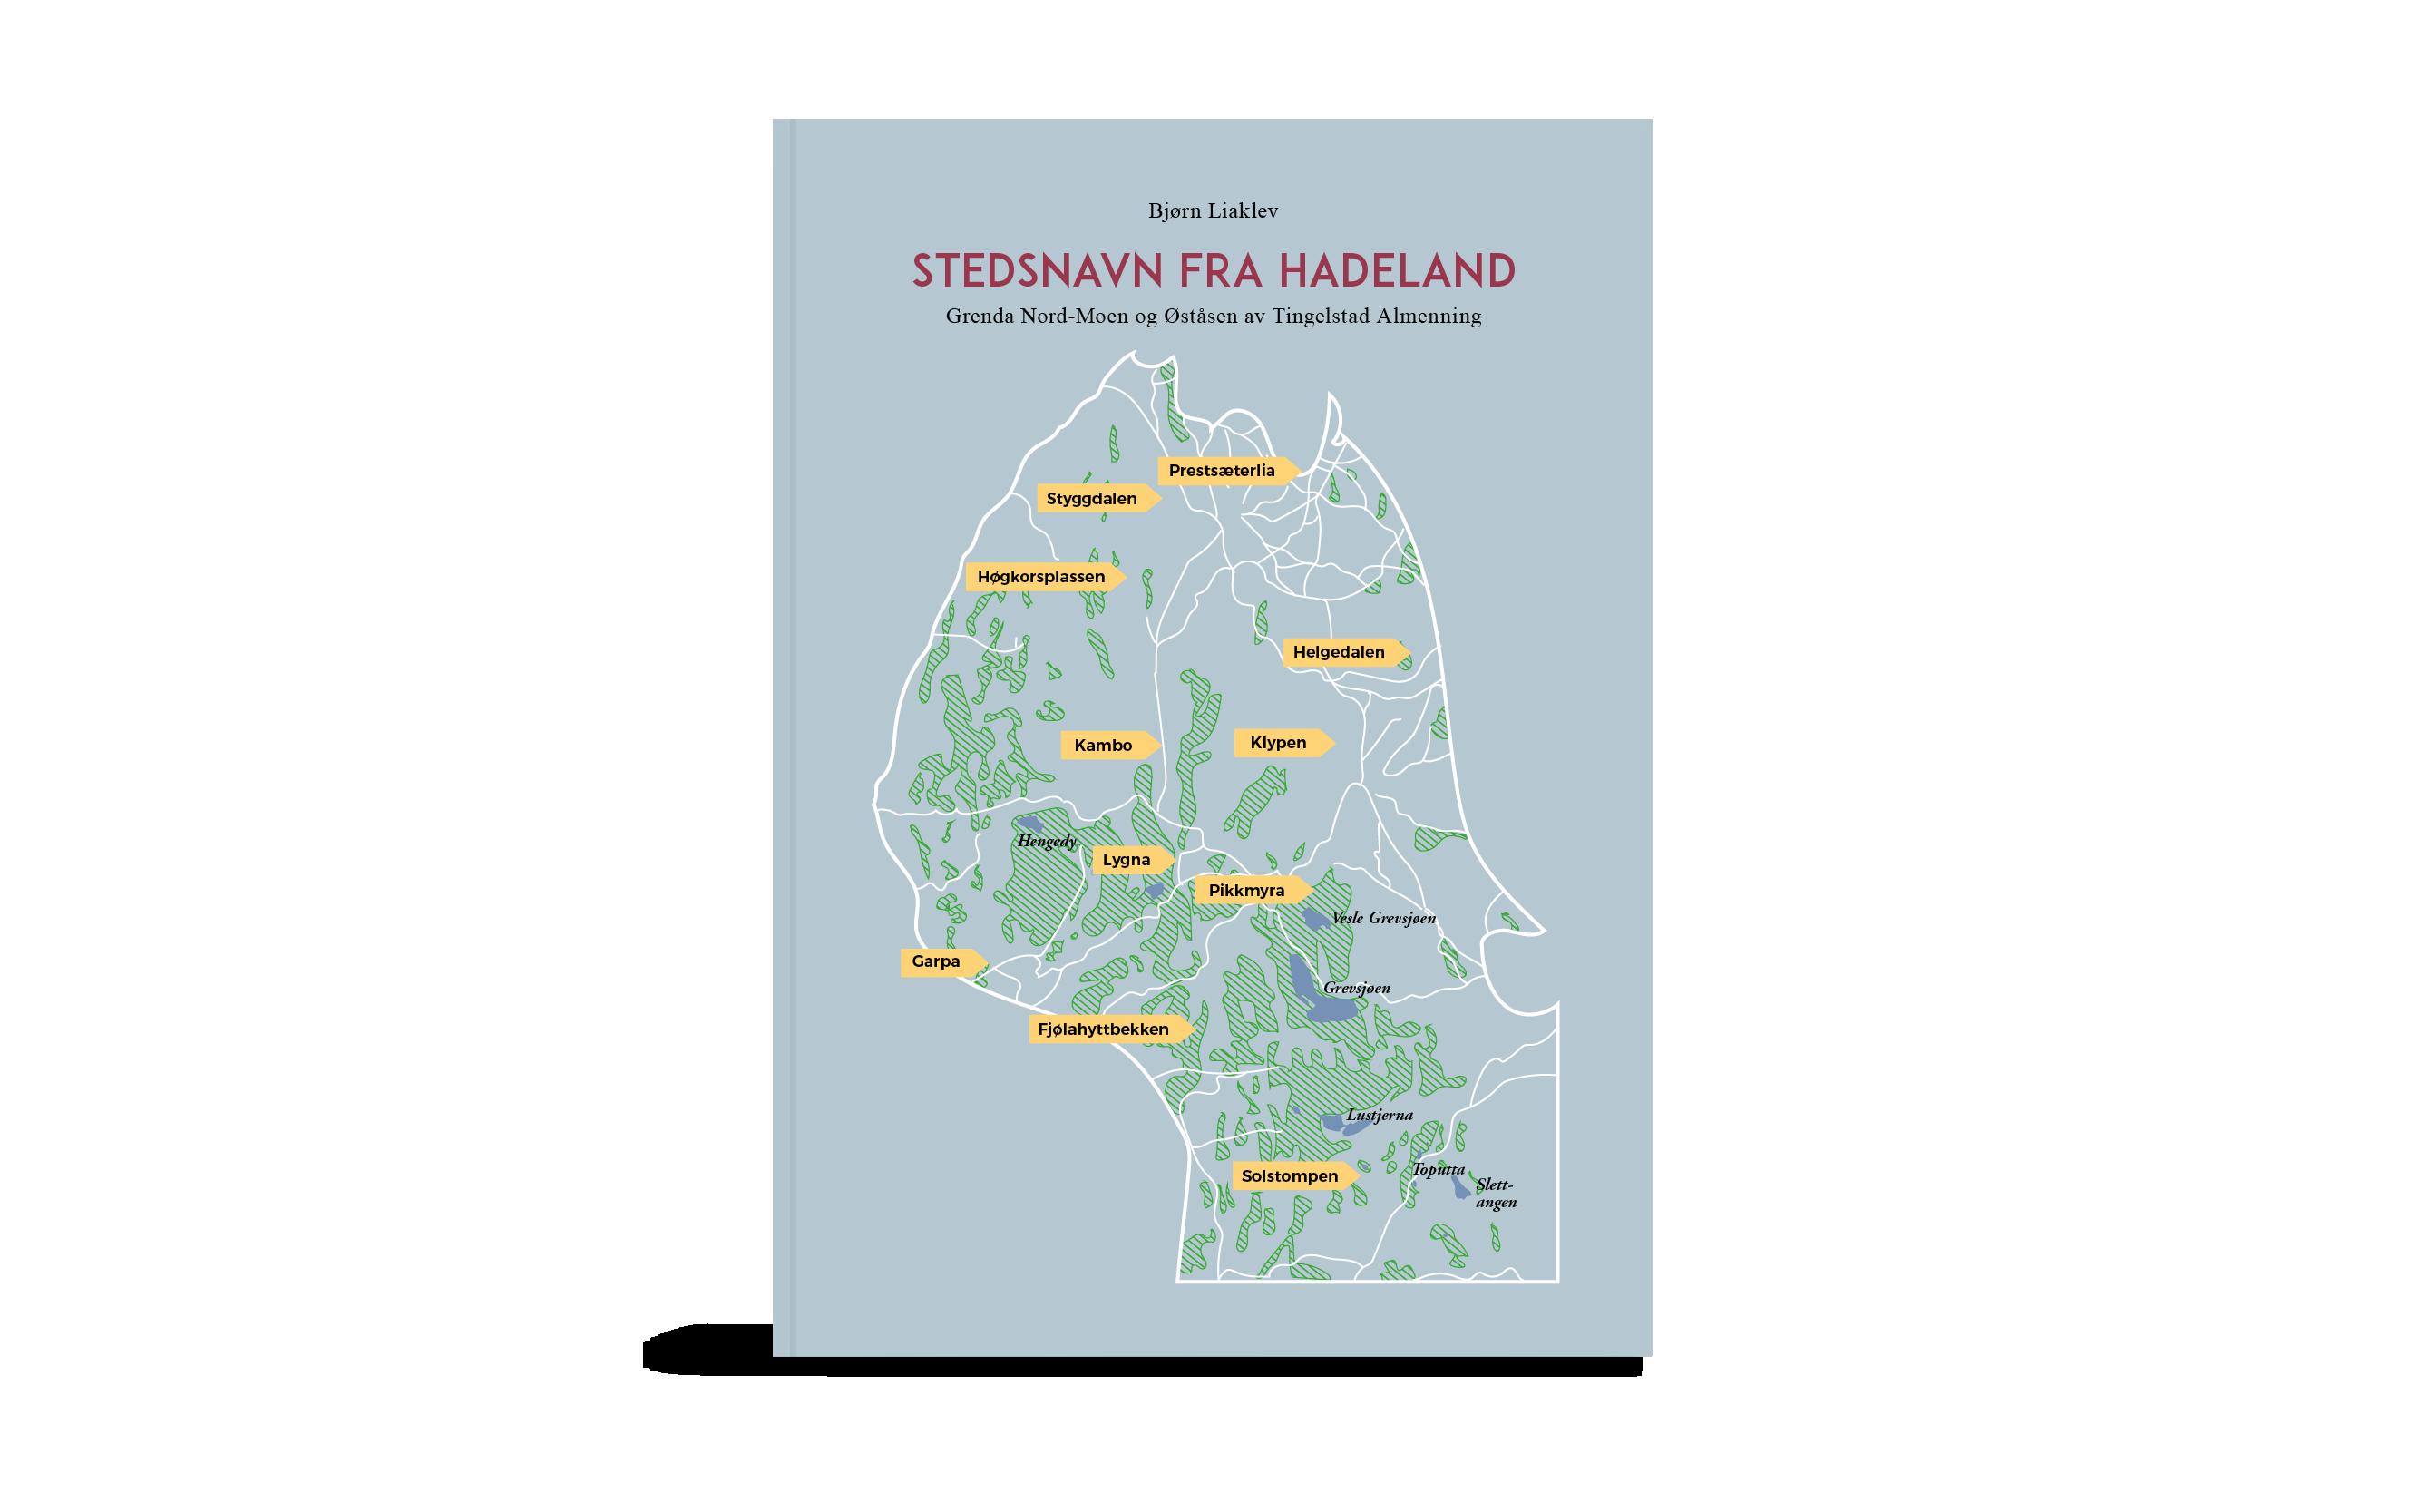 Stedsnavn fra Hadeland